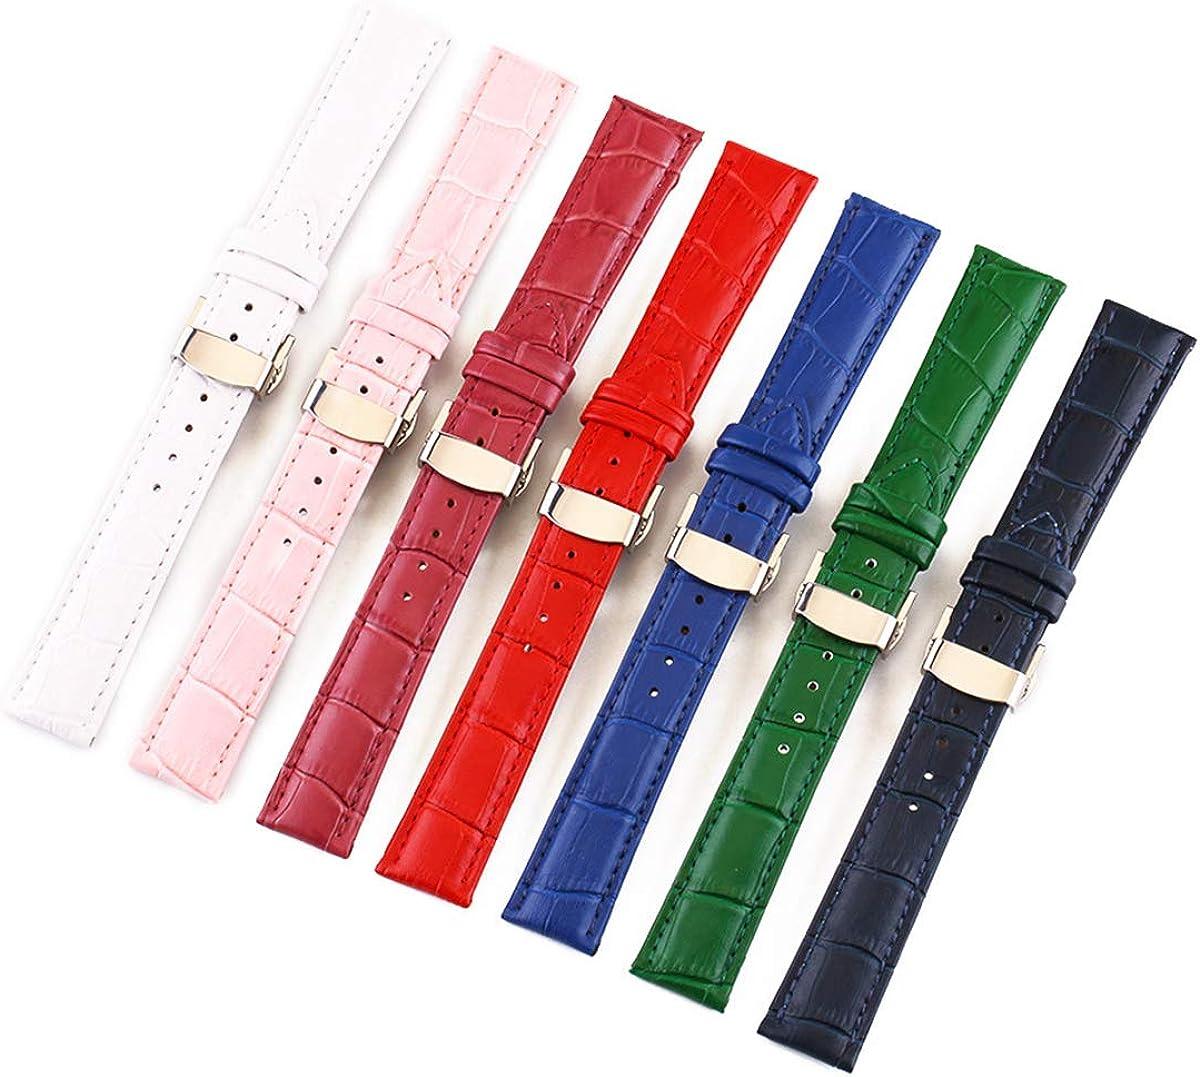 Croco Montre Bande 12mm / 13mm / 14mm / 15mm / 16mm / 17mm / 18mm / 19mm / 20mm / 21mm / 22mm / 24mm Bracelet Papillon Bracelet Fermoir Pink